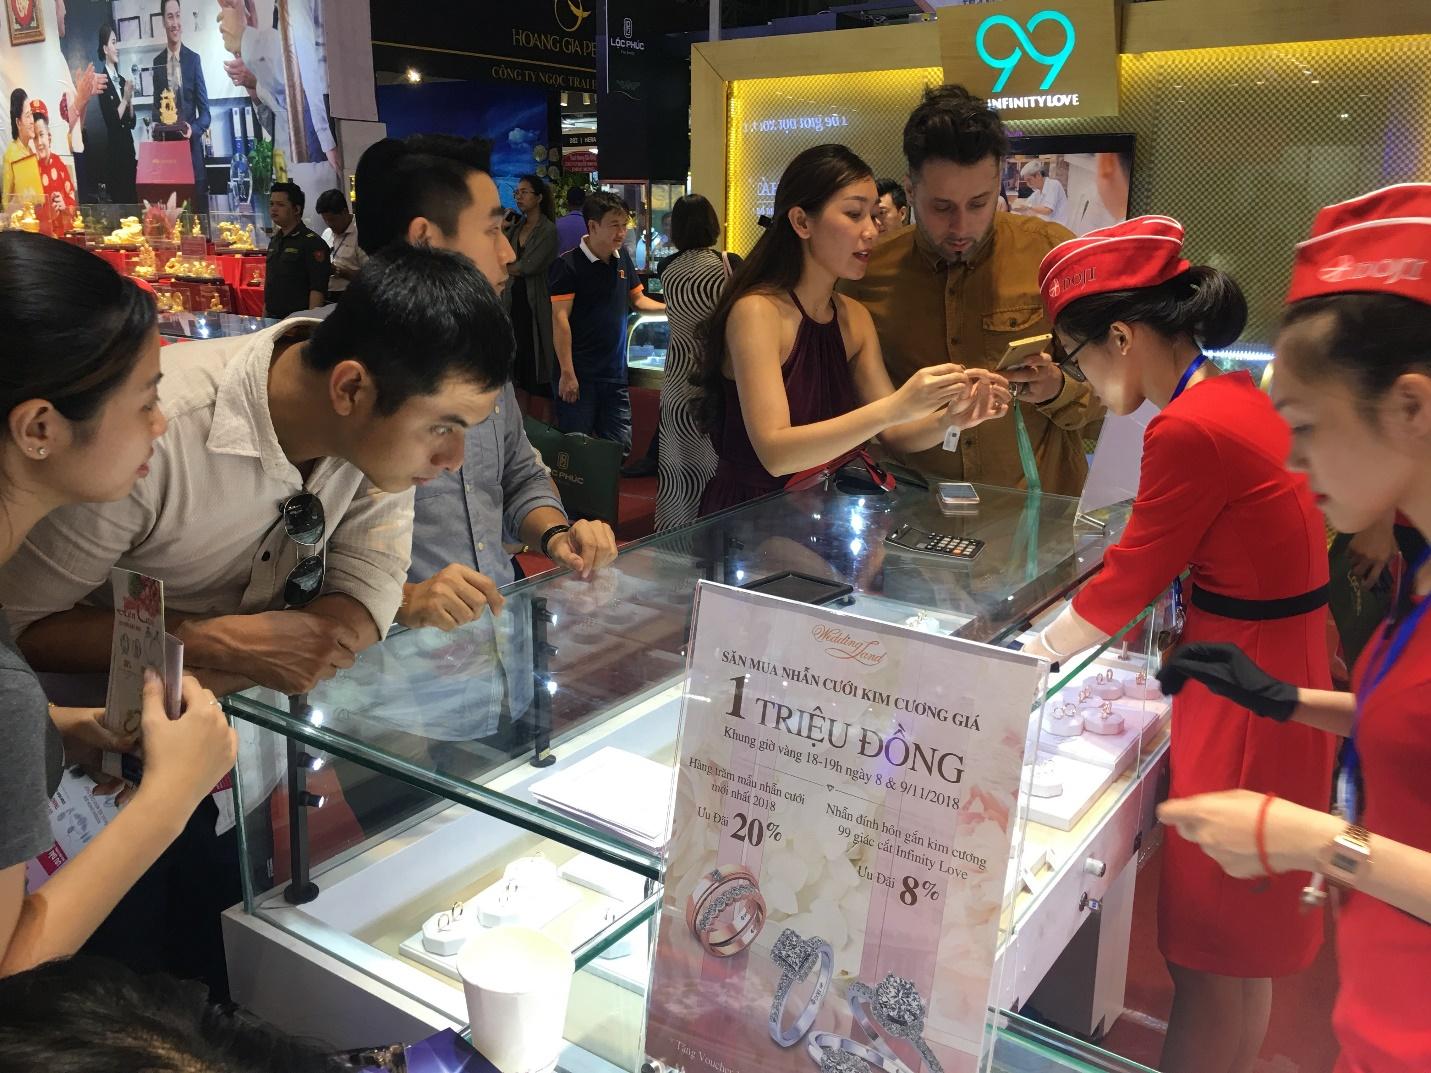 Cực nóng tại Thành phố HCM: Nhẫn cưới kim cương 1 triệu đồng - Ảnh 6.